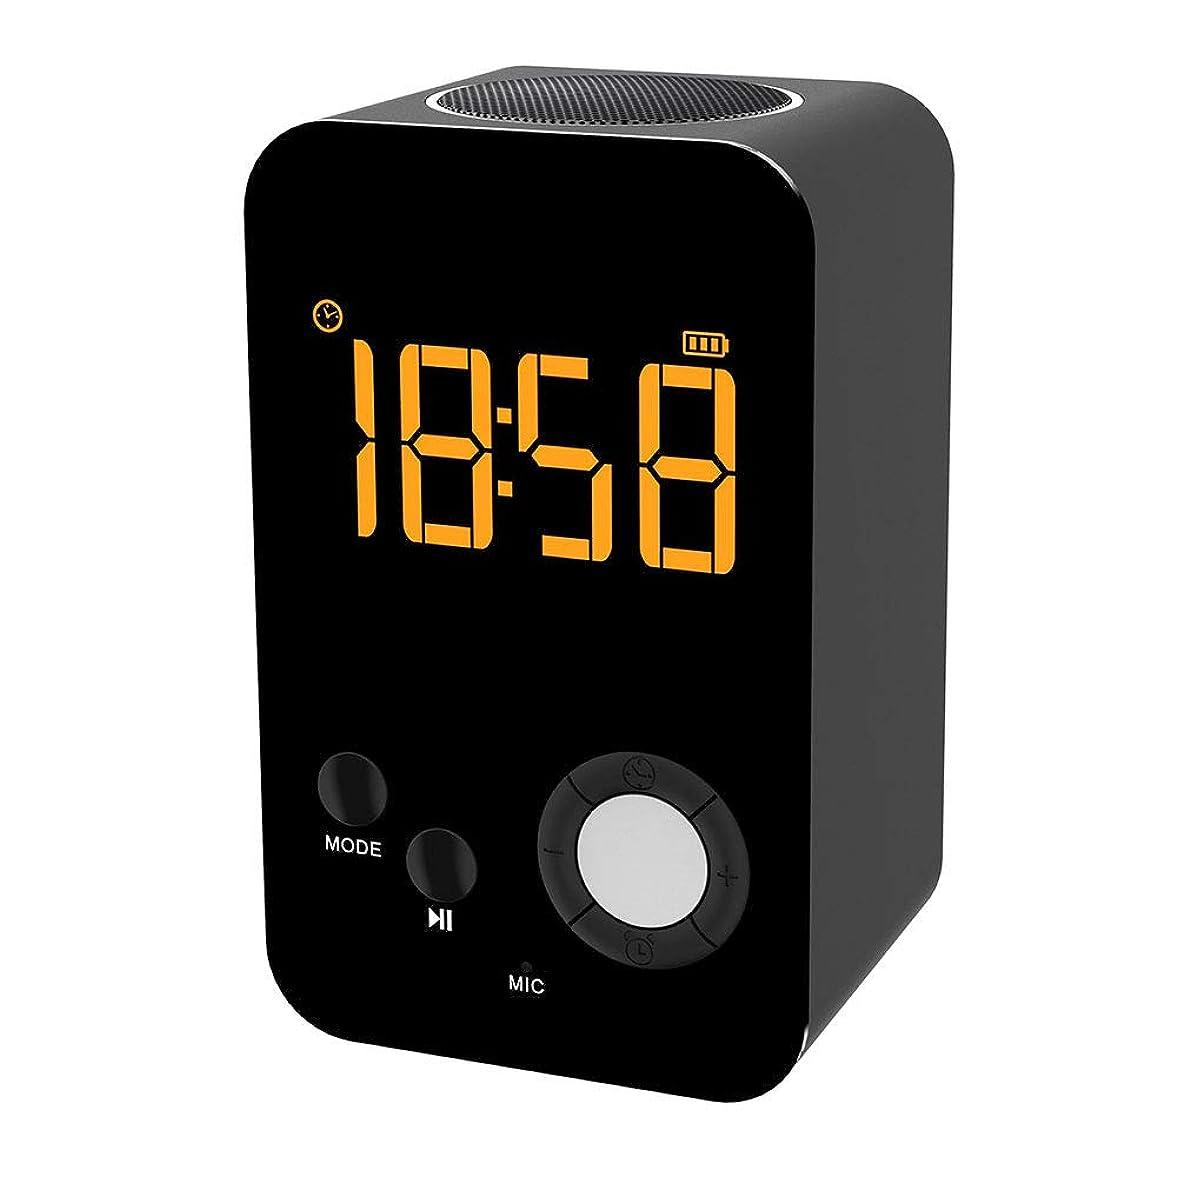 書誌反動モスクHDミラー付きミニワイヤレスブルートゥース LEDスピーカー 多機能ミラー目覚まし時計HiFiステレオスピーカー タッチコントロール